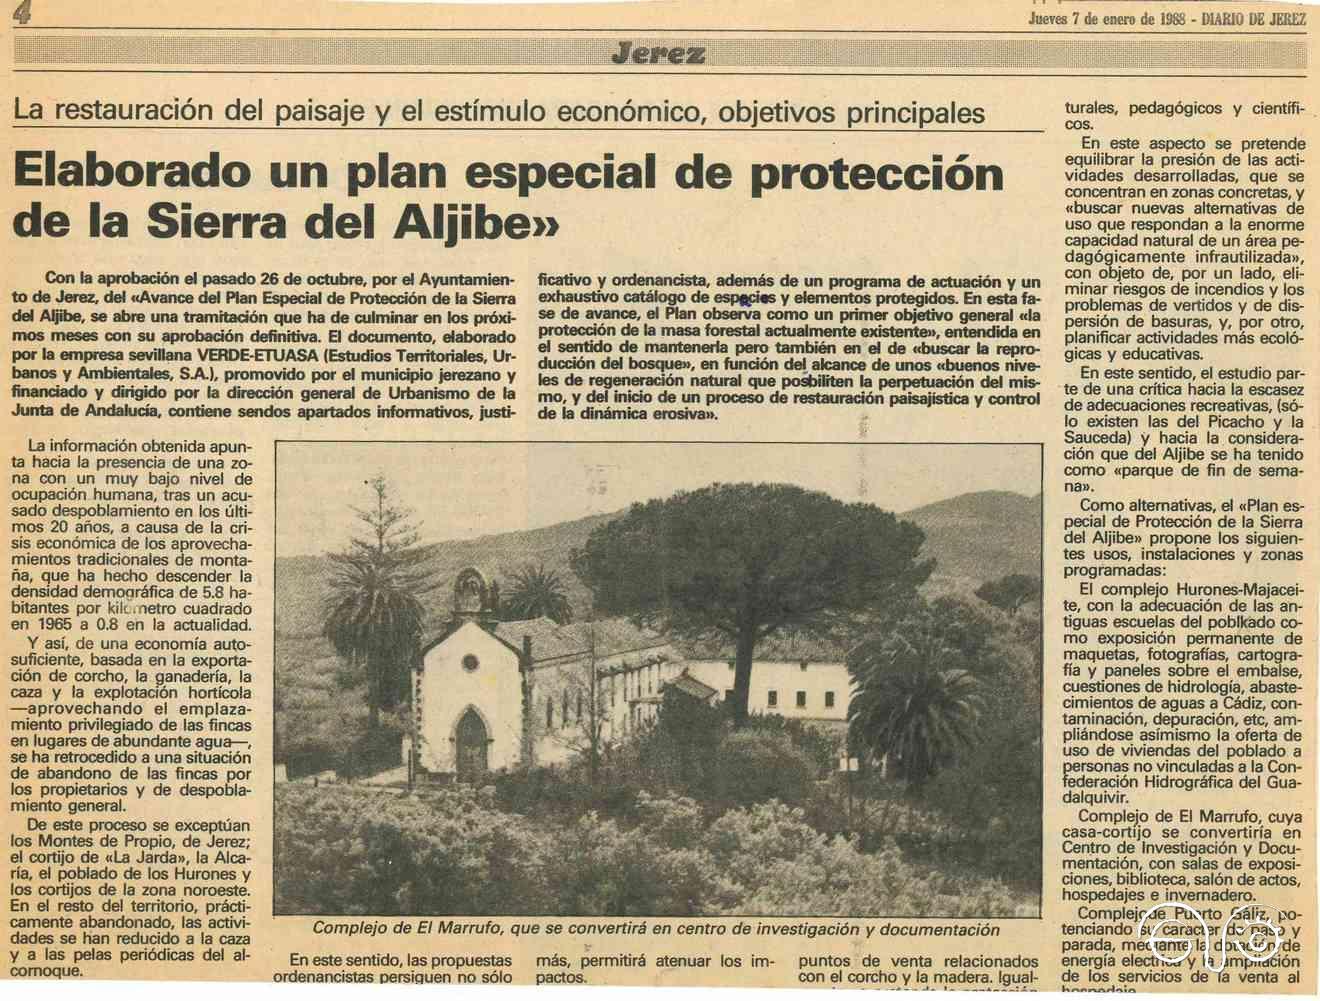 Recorte del reportaje de Diario de Jerez de 7 de enero de 1988.